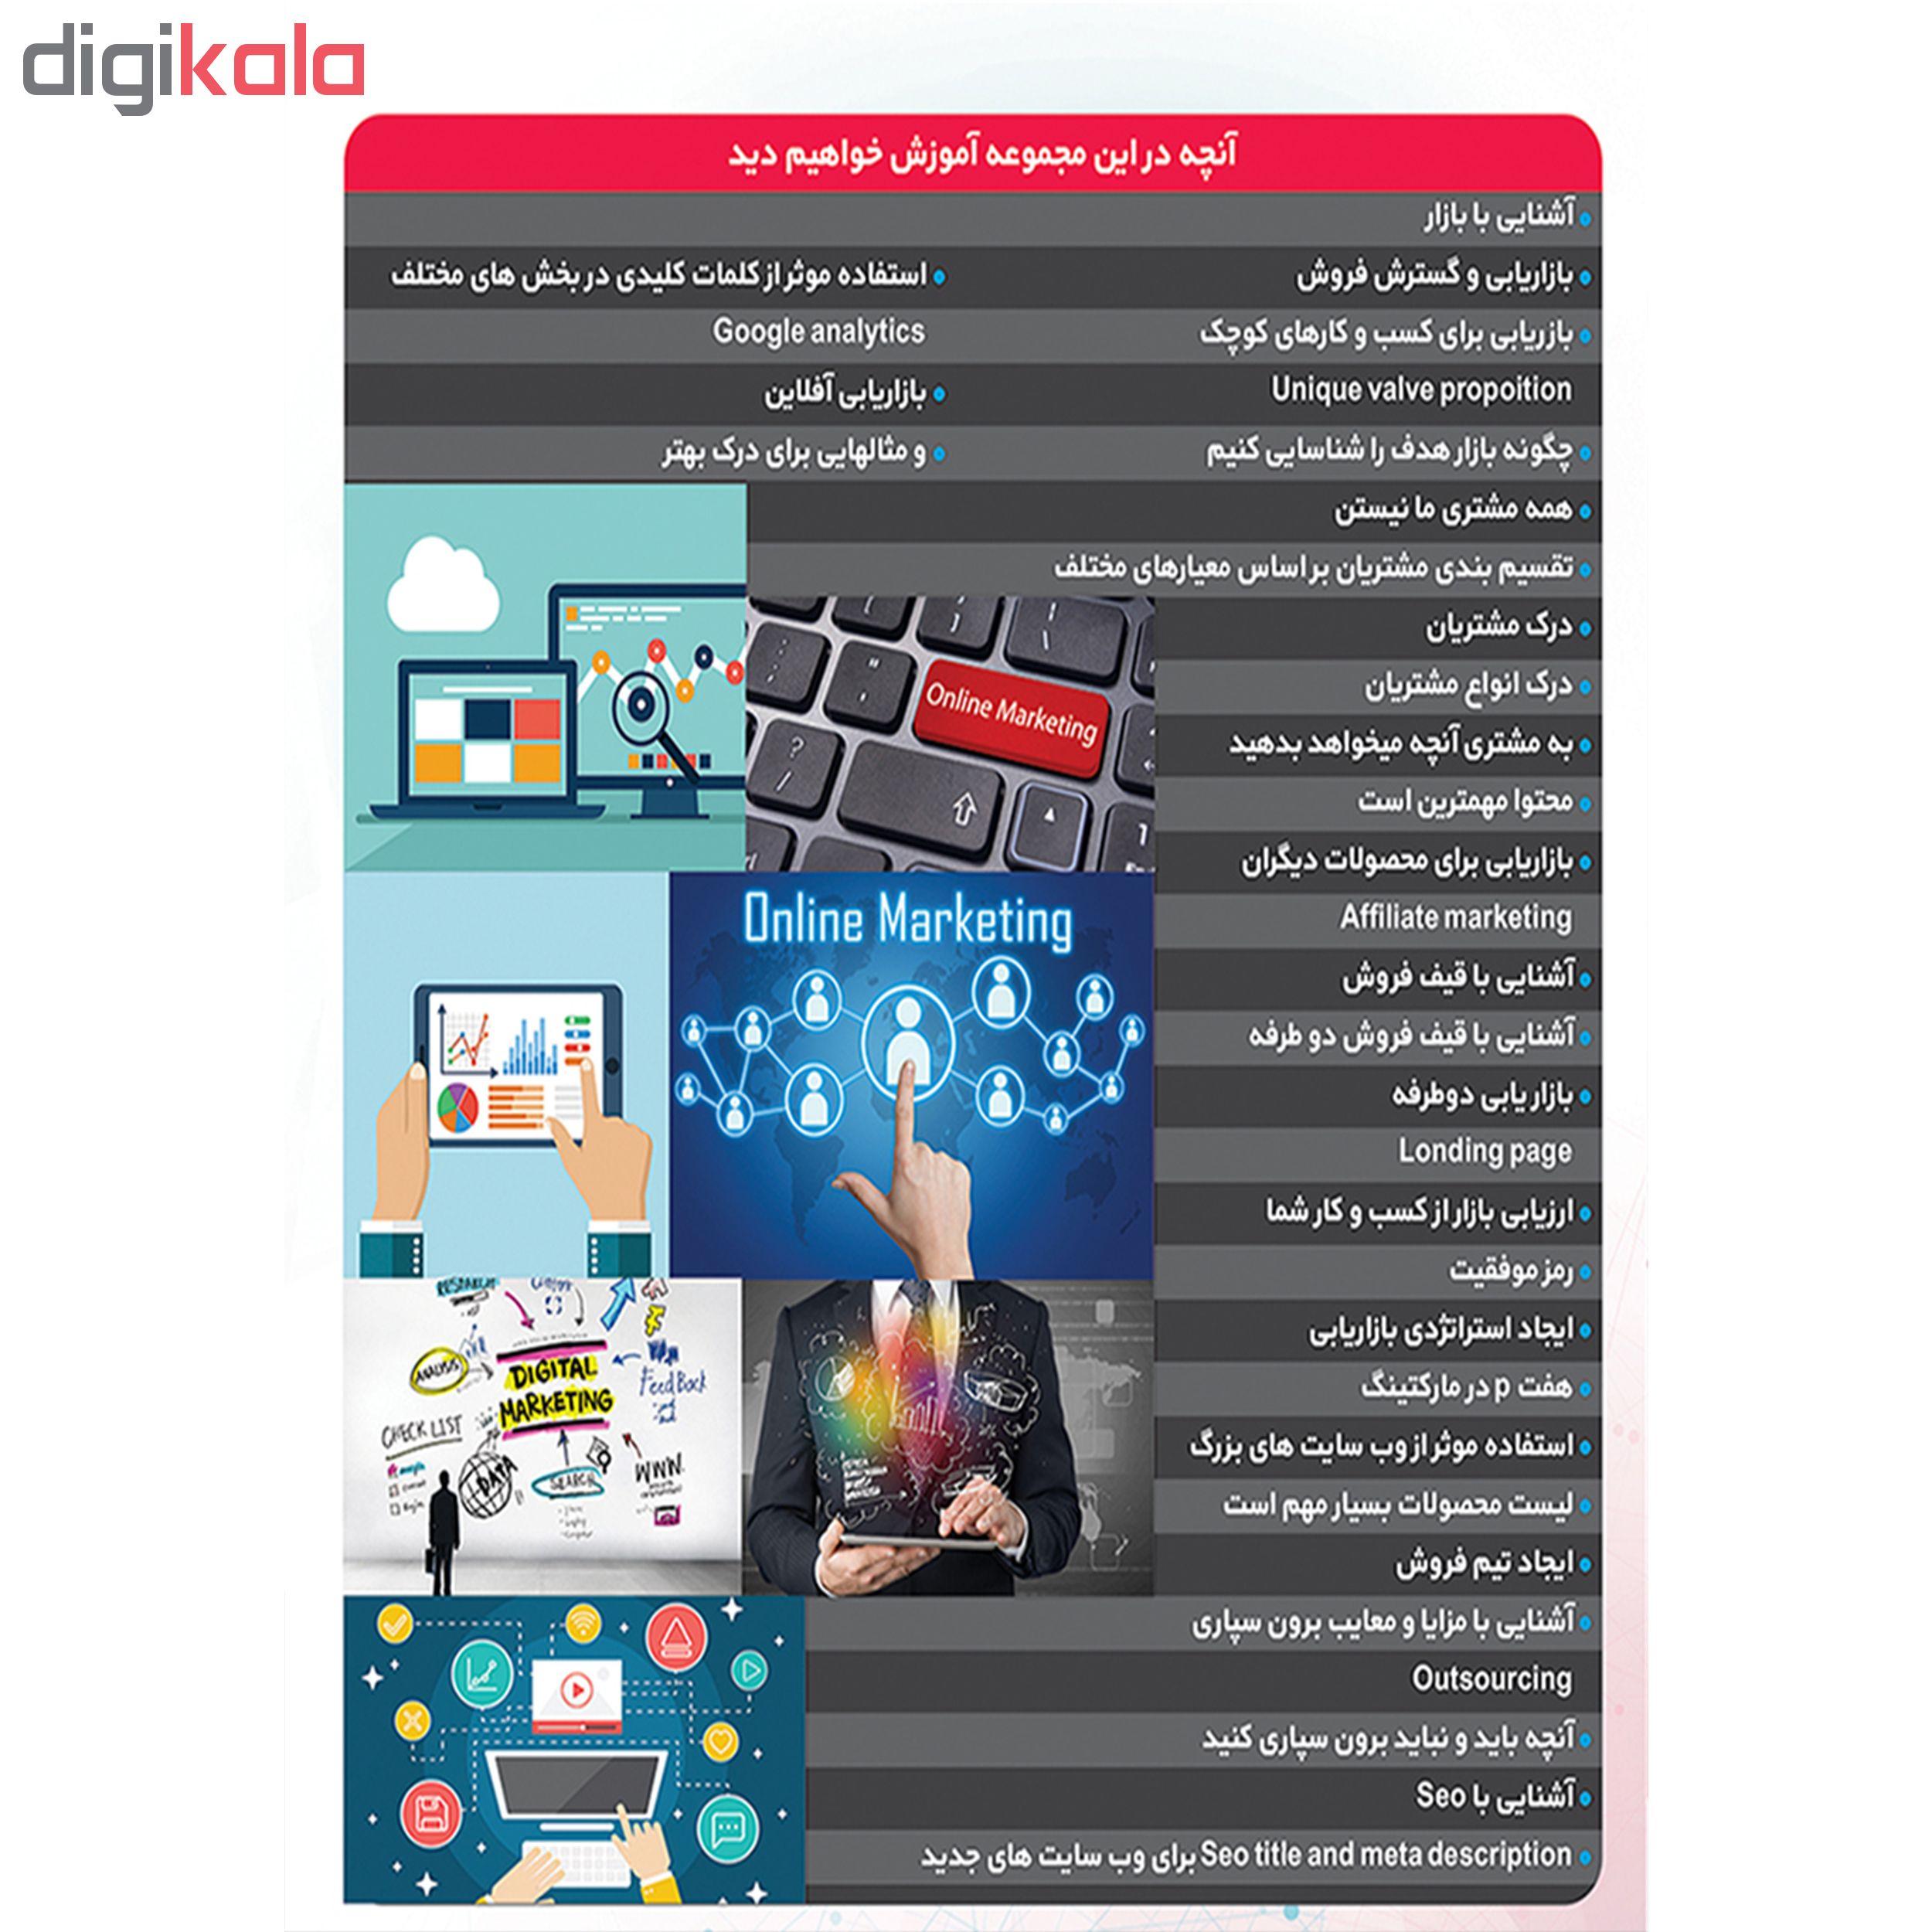 نرم افزار آموزشی بازاریابی آنلاین نشر پدیا سافت به همراه نرم افزار آموزشی تکنیکال بورس نشر پدیده